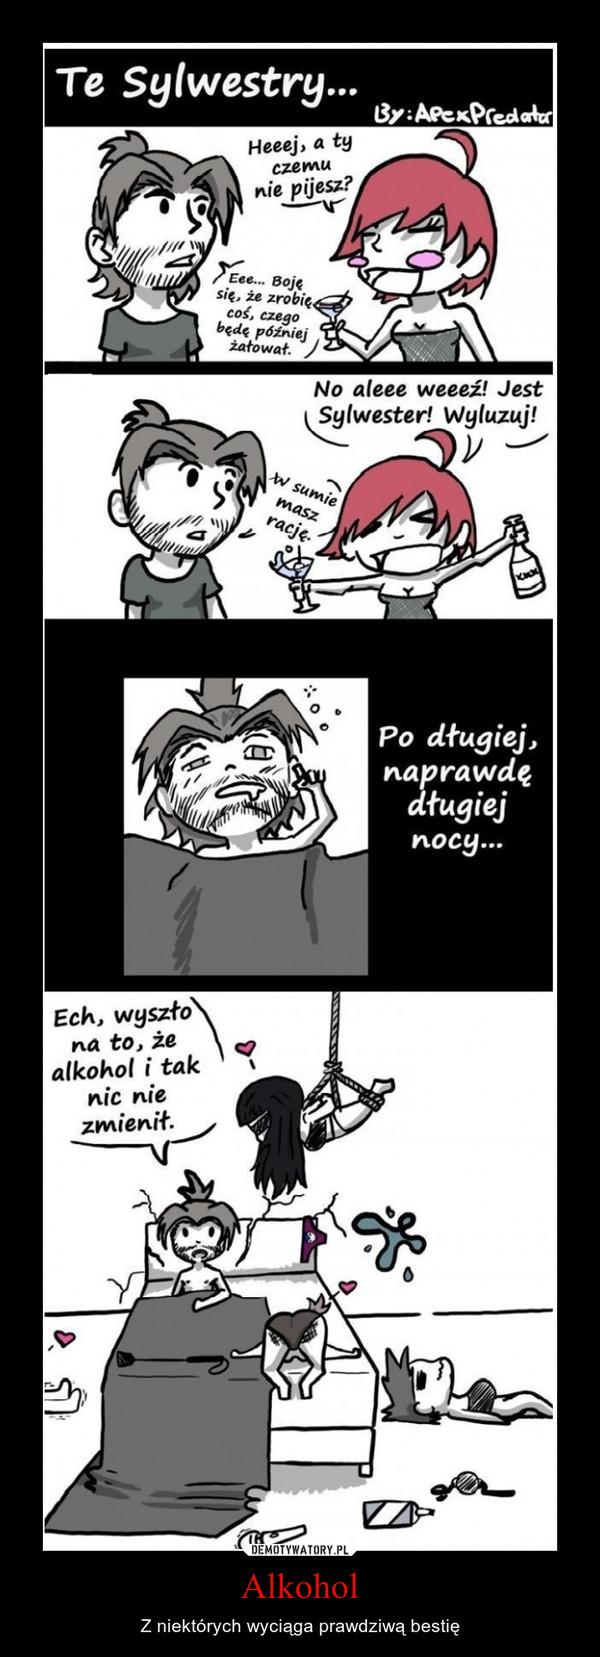 Alkohol – Z niektórych wyciąga prawdziwą bestię